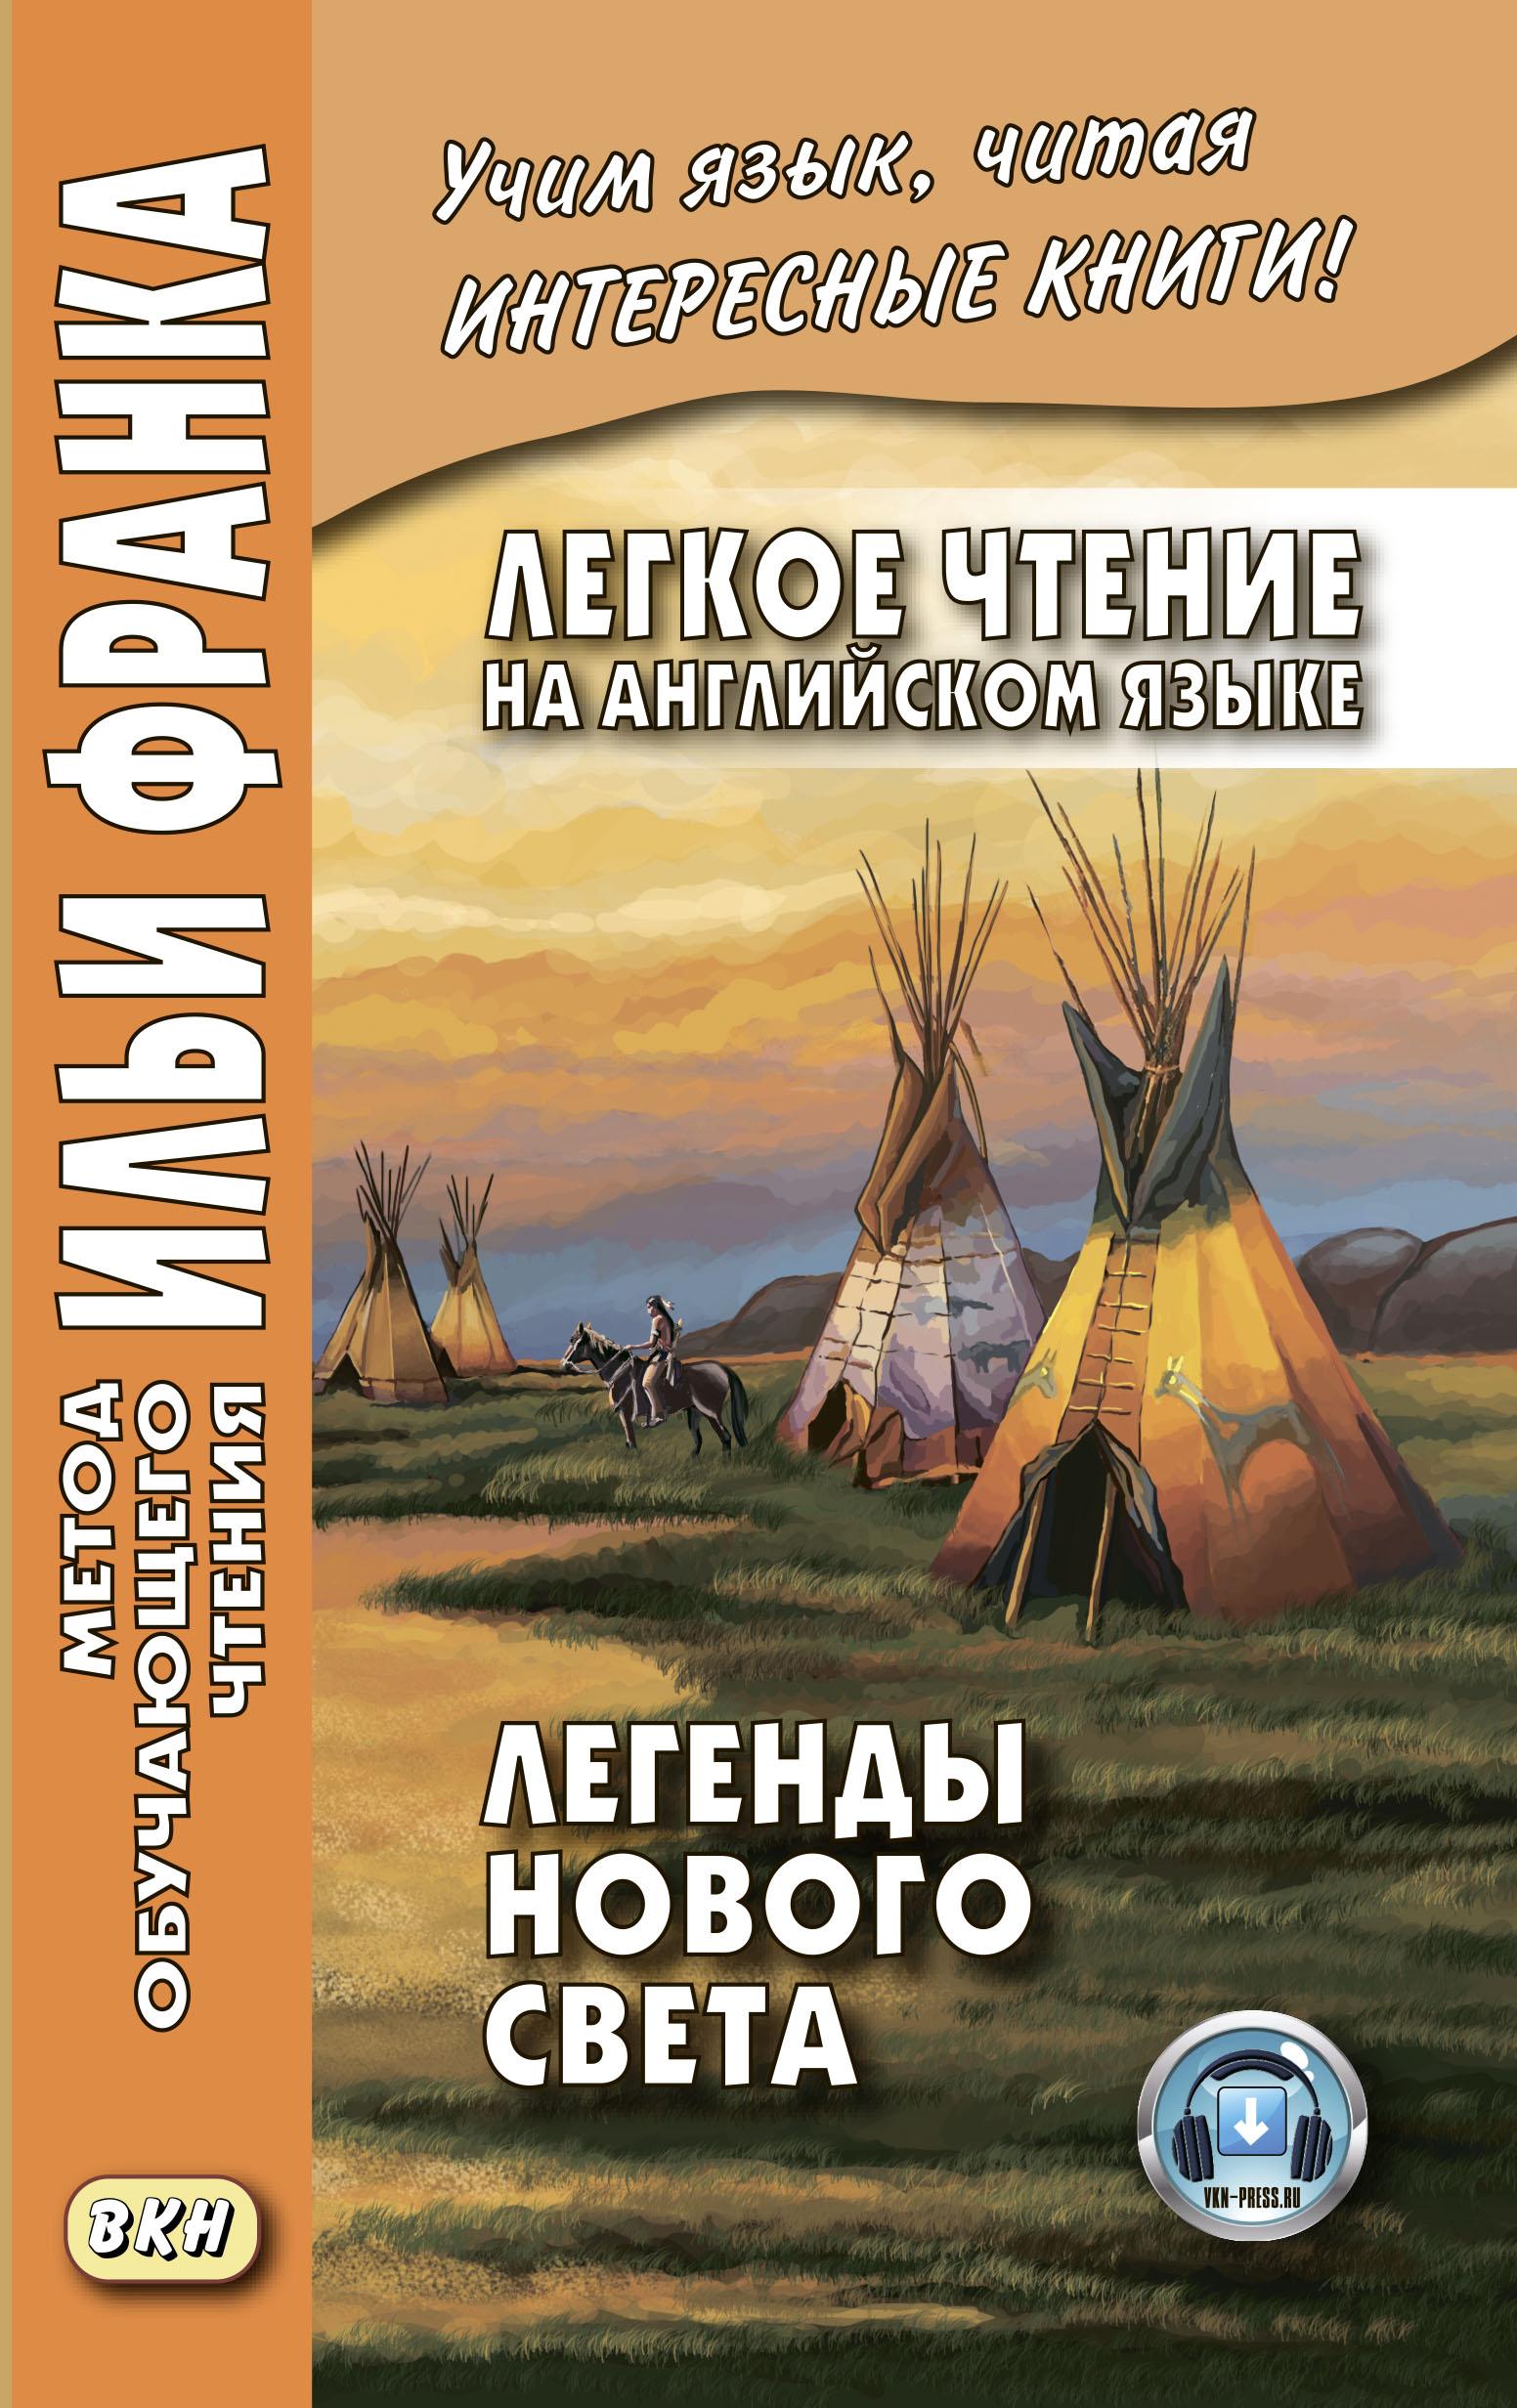 legkoe chtenie na angliyskom yazyke legendy novogo sveta north american indian legends